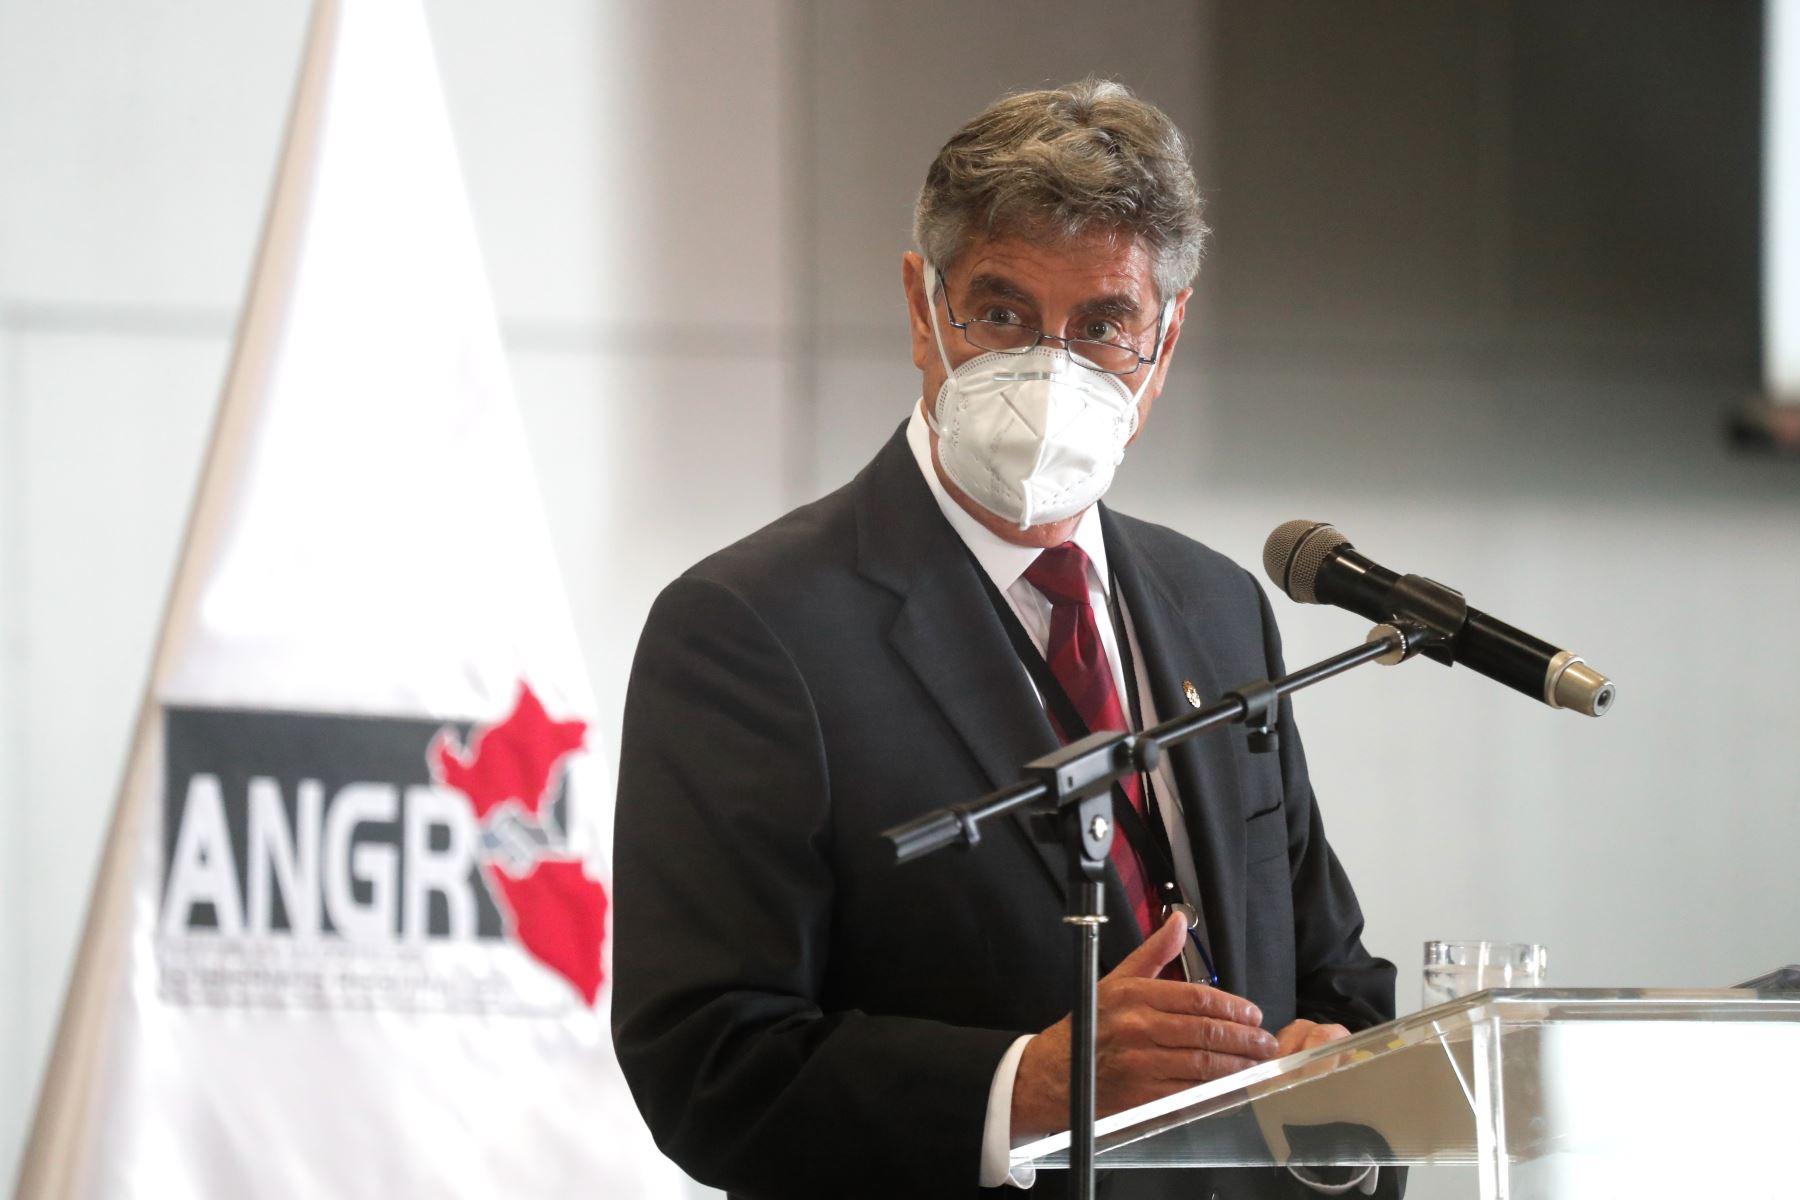 El presidente Francisco Sagasti, asiste a la juramentación del nuevo Consejo Directivo de la Asamblea Nacional de Gobiernos Regionales. Foto: Presidencia